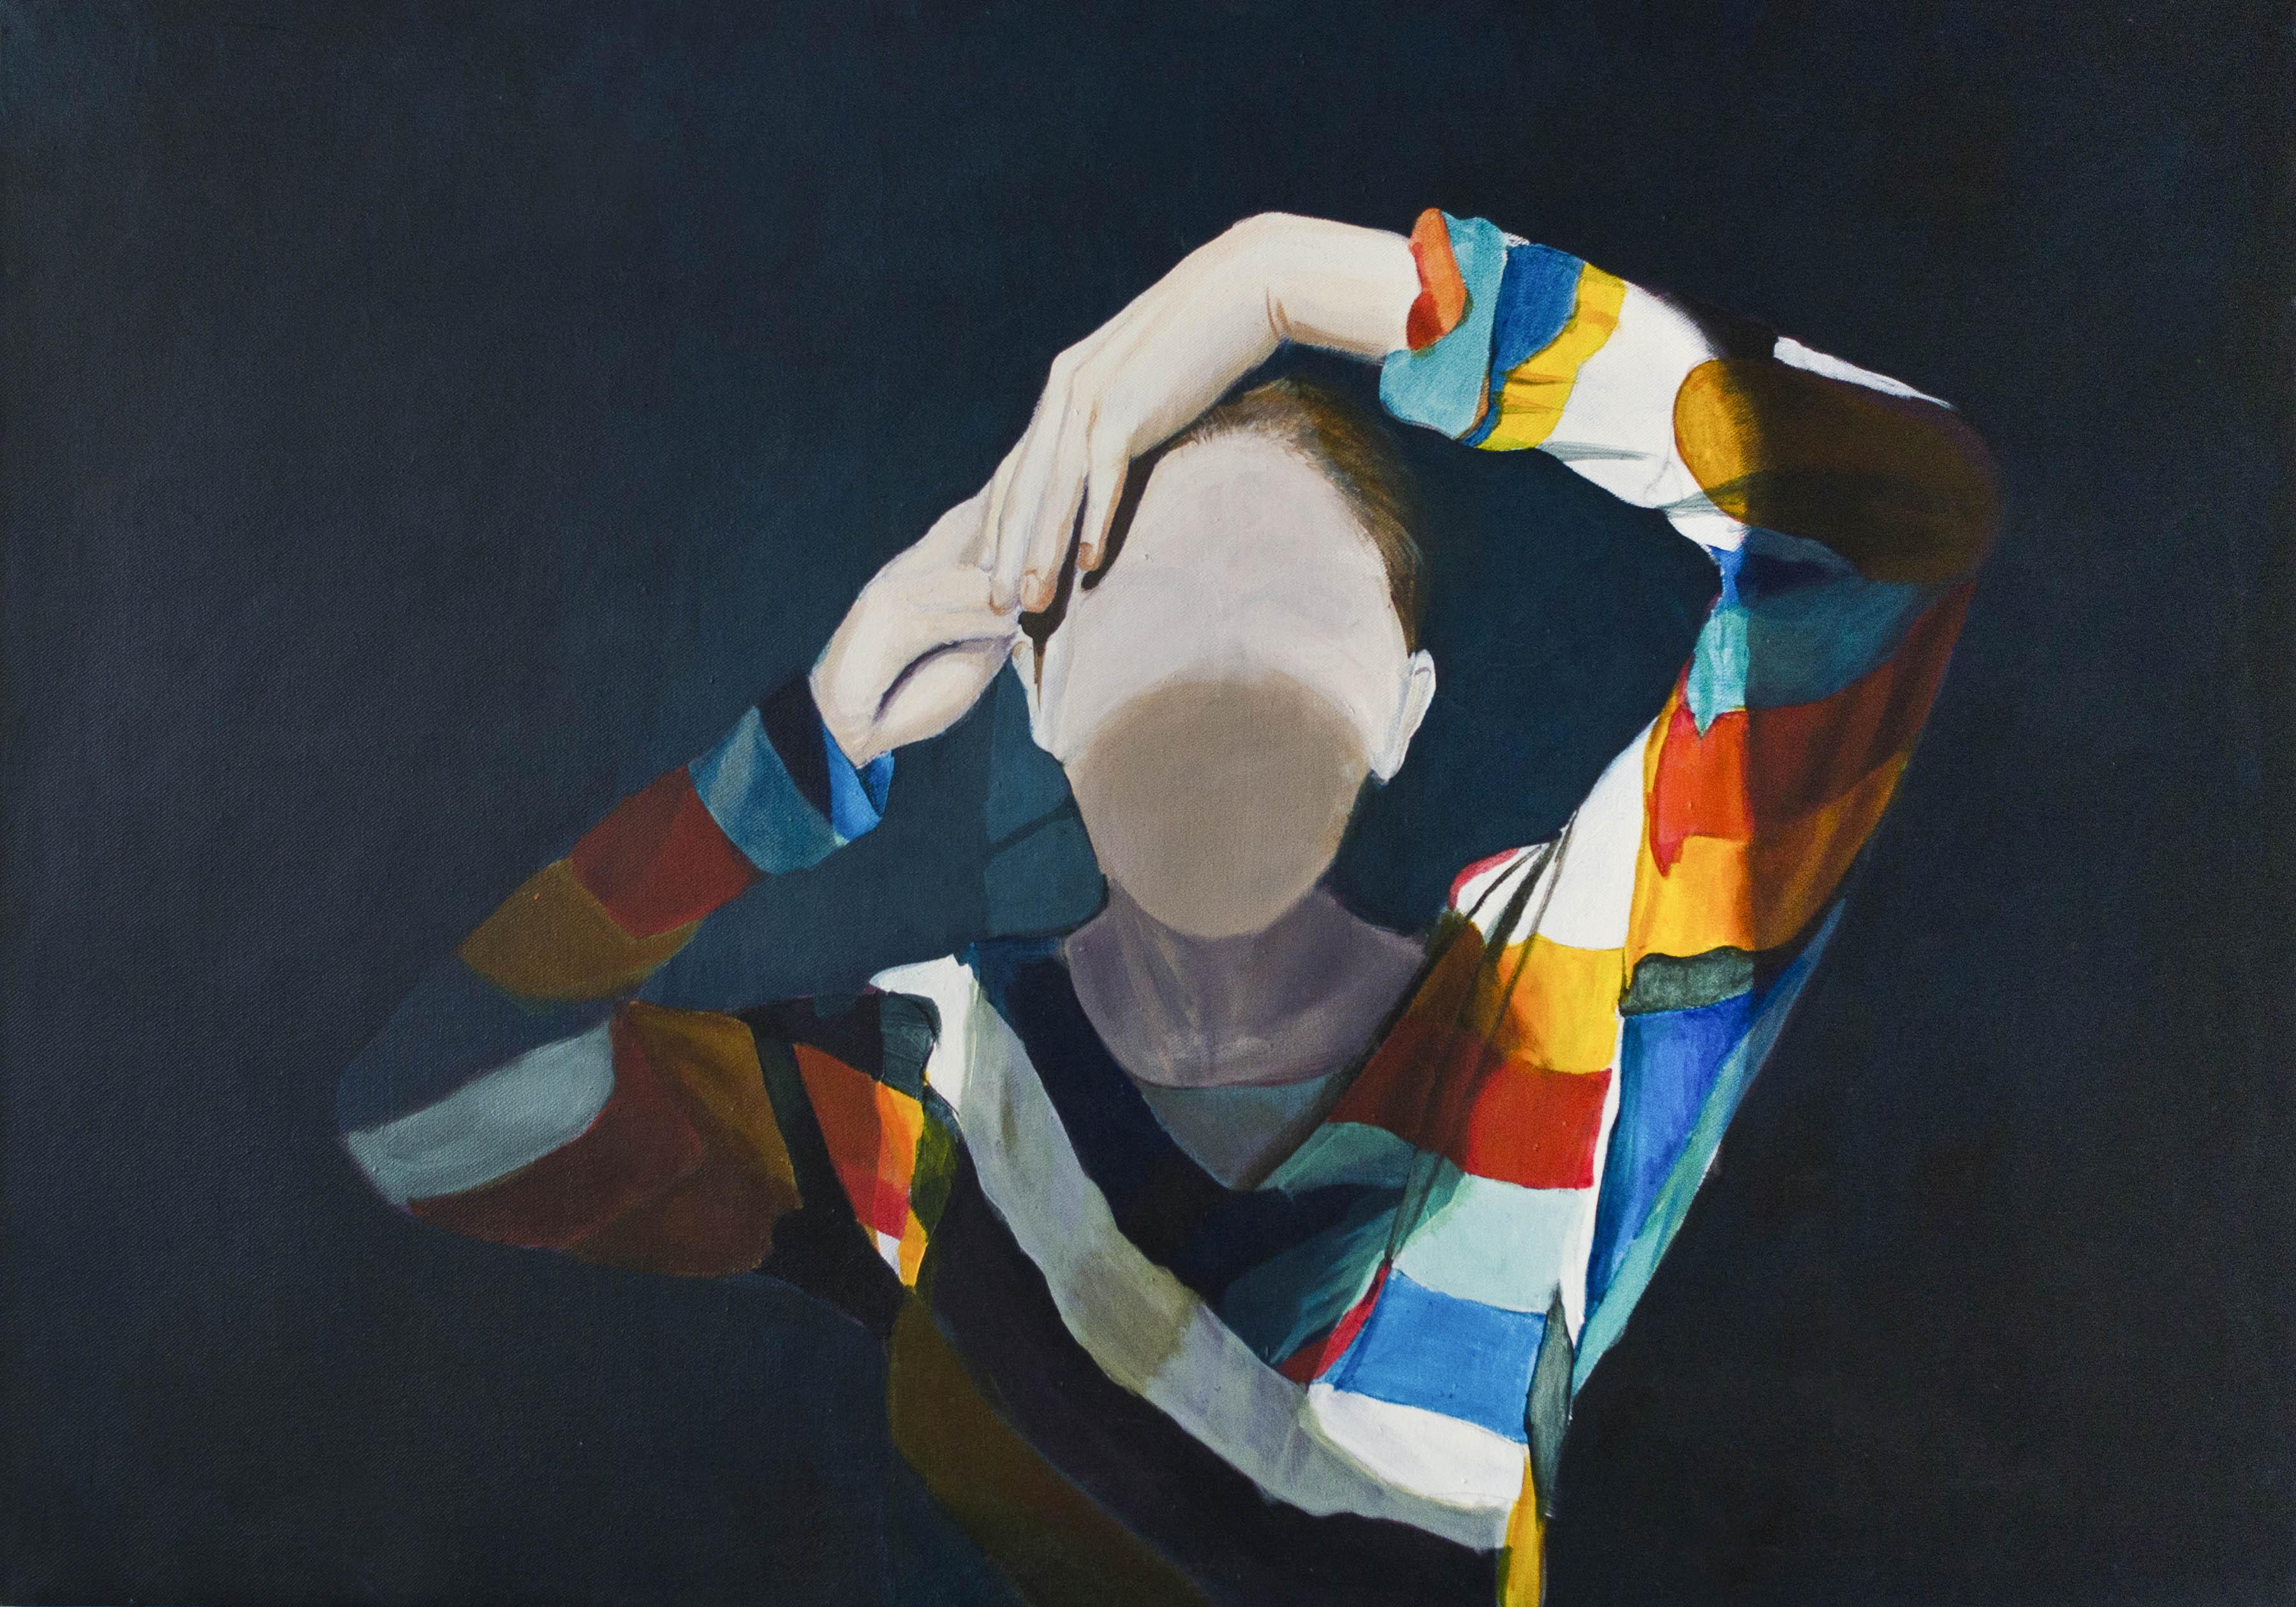 Autoportret 2, 2013/2014